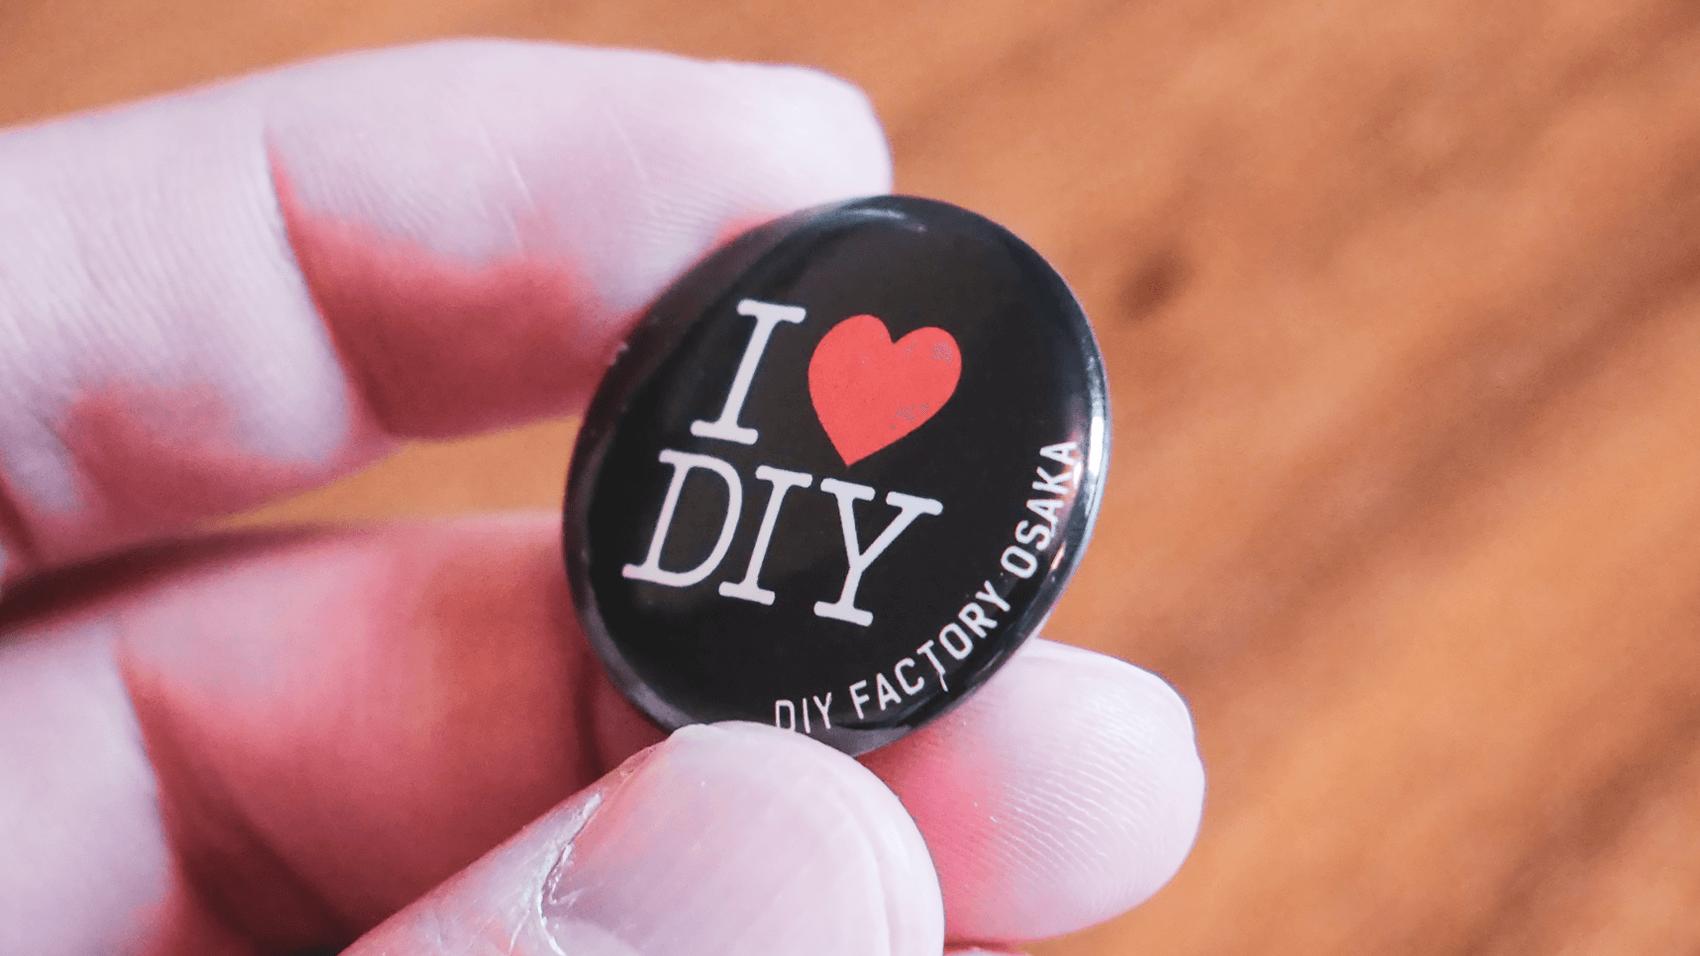 I love DIY缶バッジデザイン